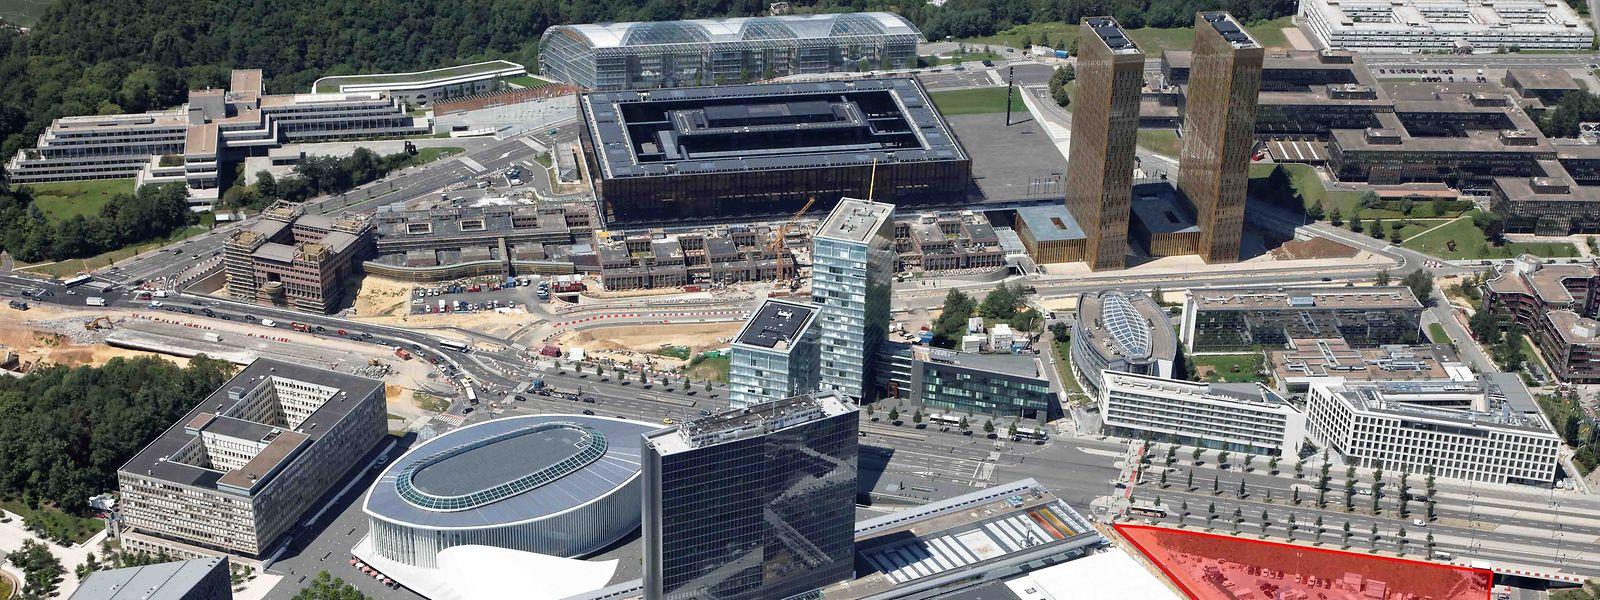 Der neue Sitz des Unternehmens soll neben dem Europäischen Kongresszentrum entstehen, dort wo auf der Grafik die rote Fläche eingetragen ist..